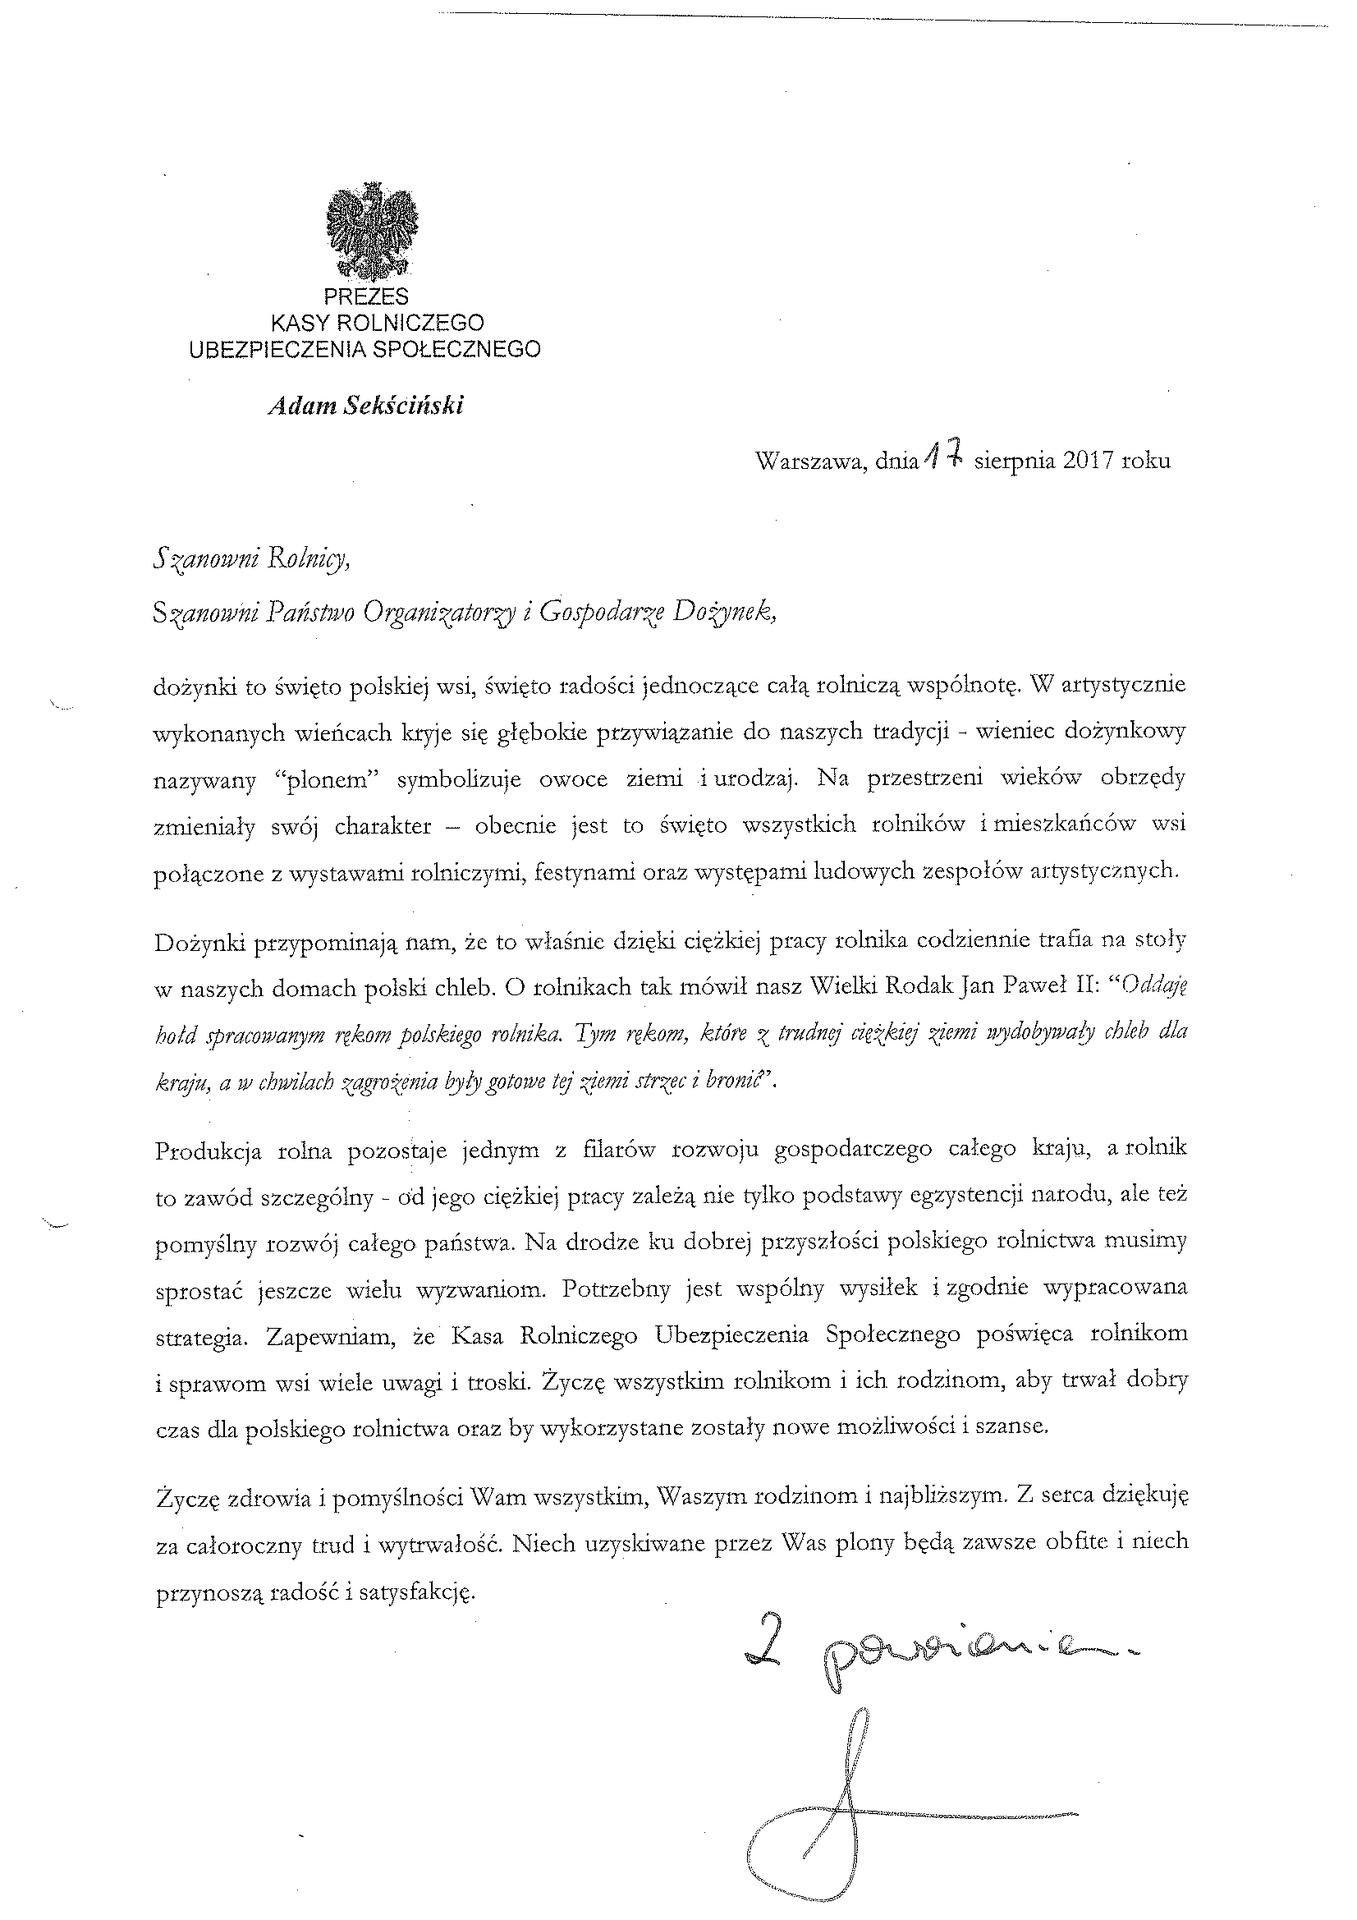 List_Prezesa-1.jpeg